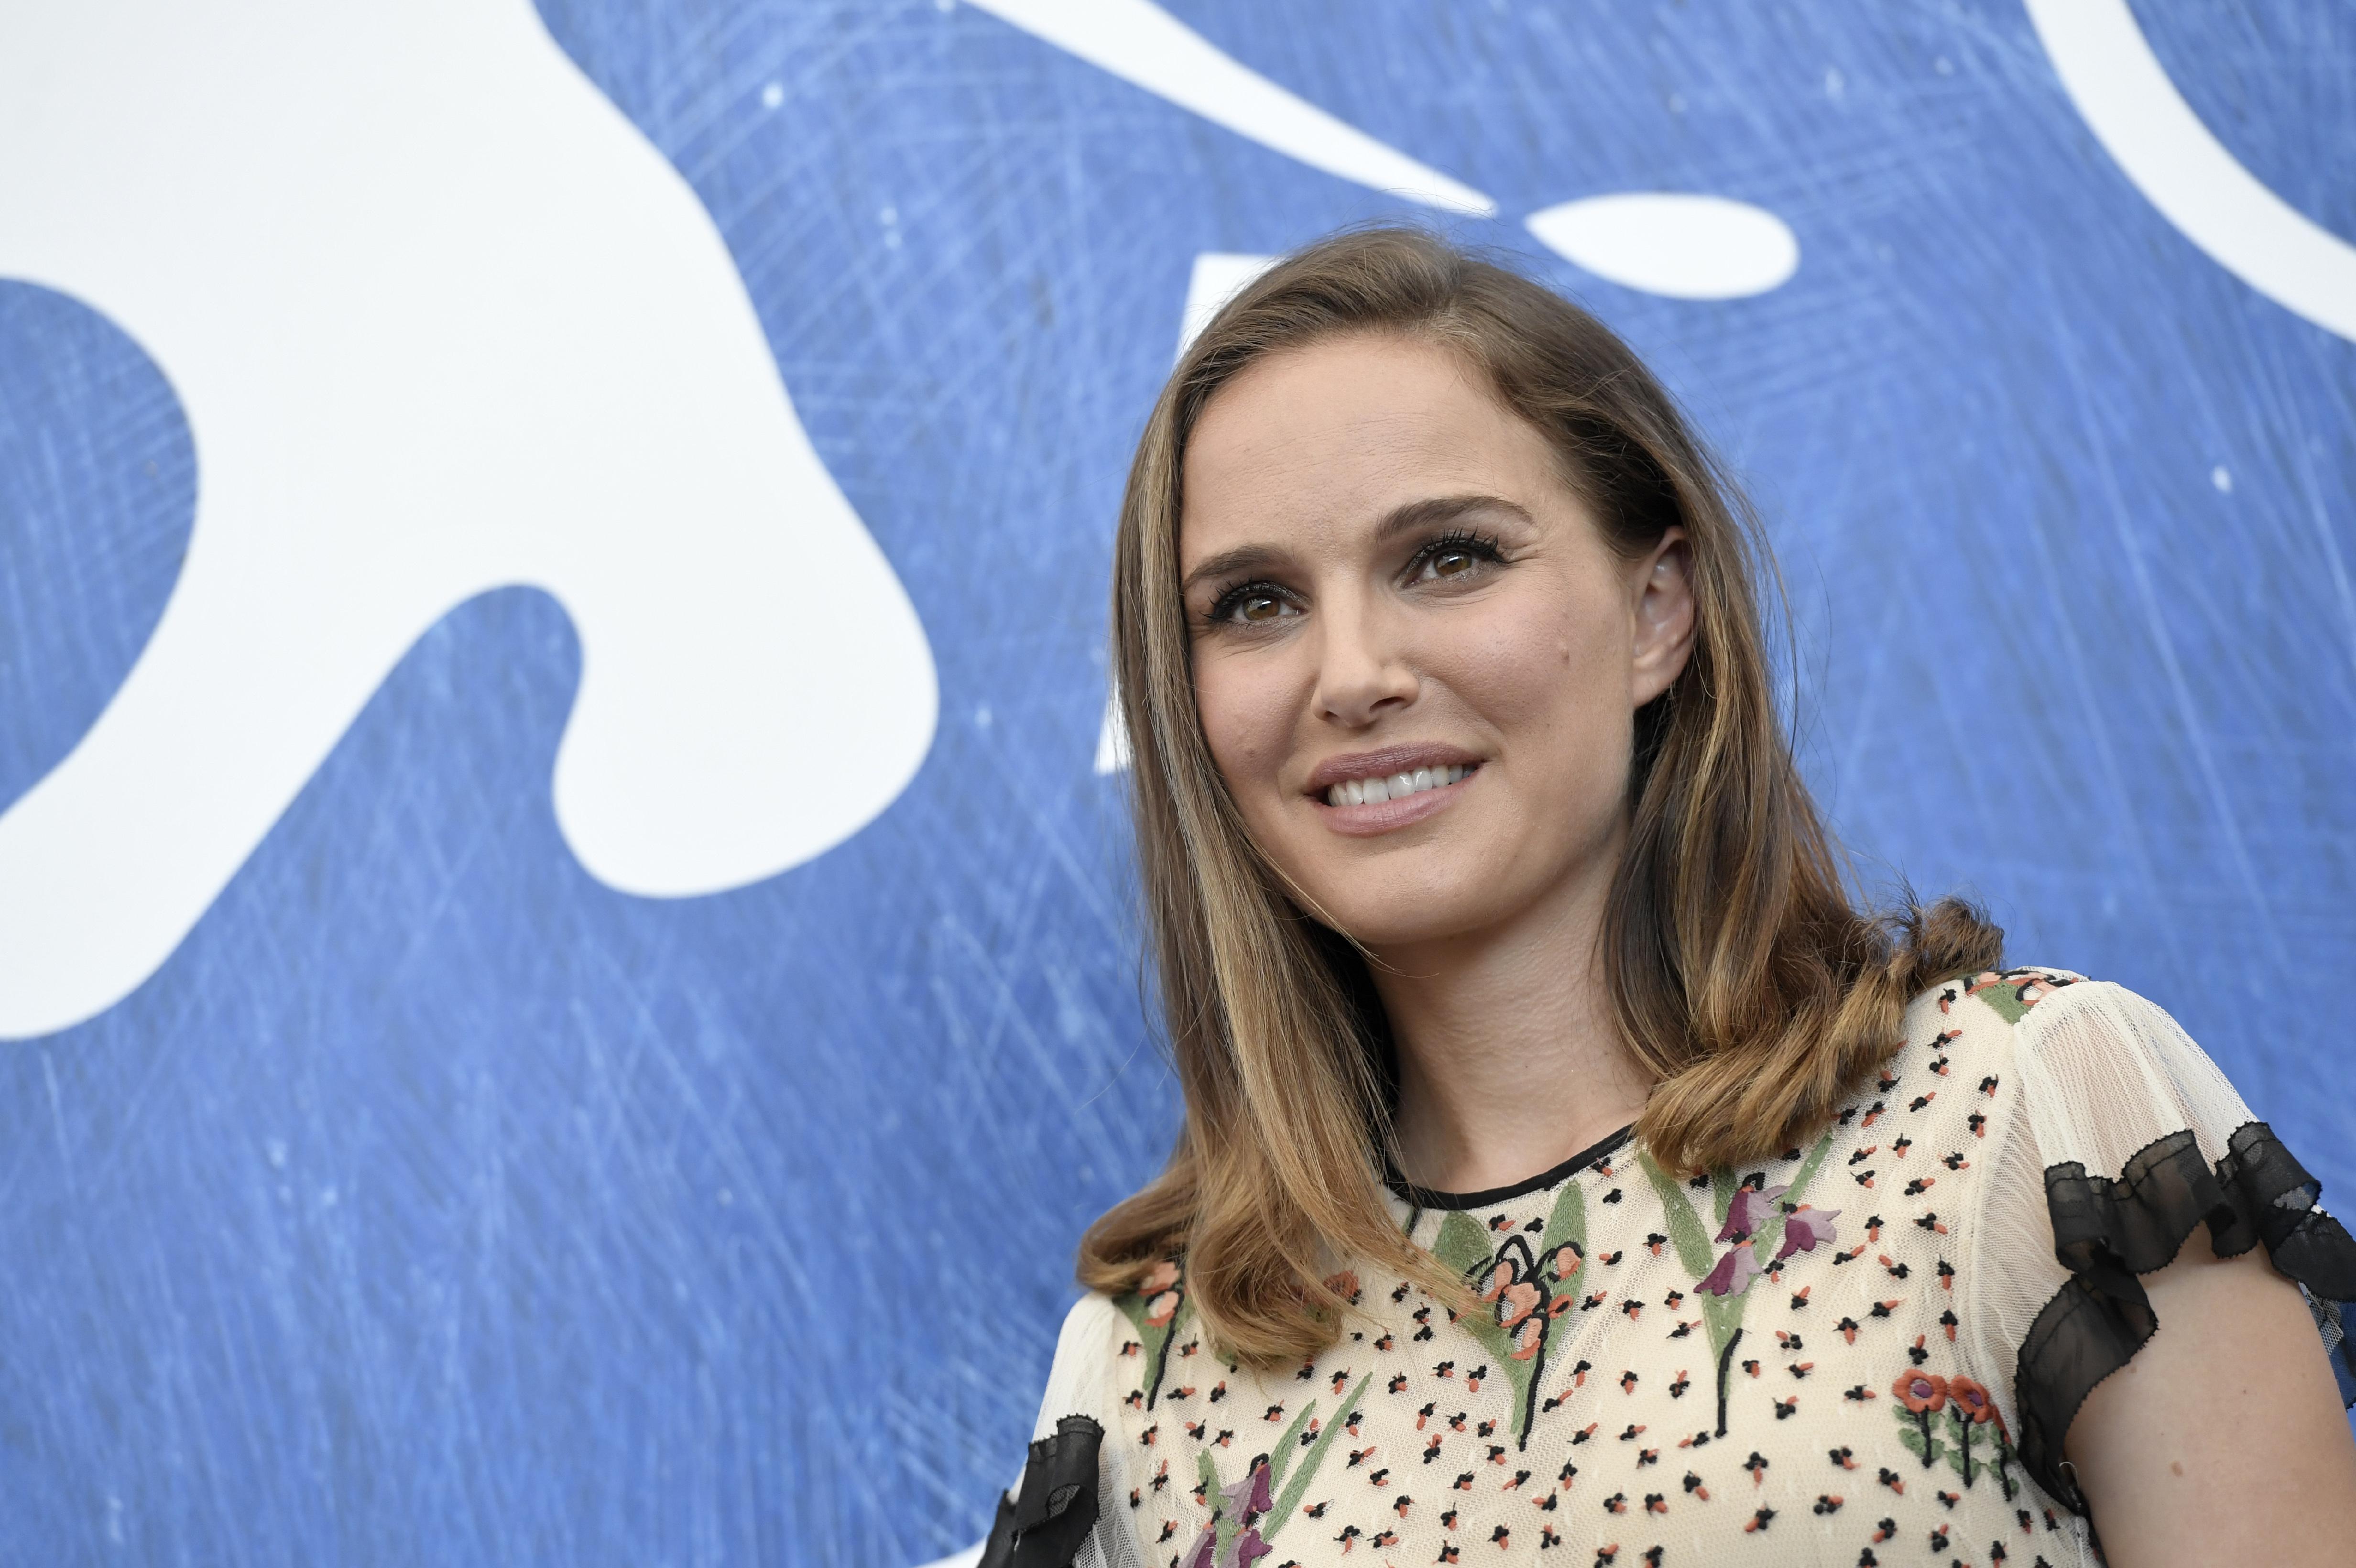 Natalie Portman rendezi a filmet, aminek a főszereplője Natalie Portman és Natalie Portman